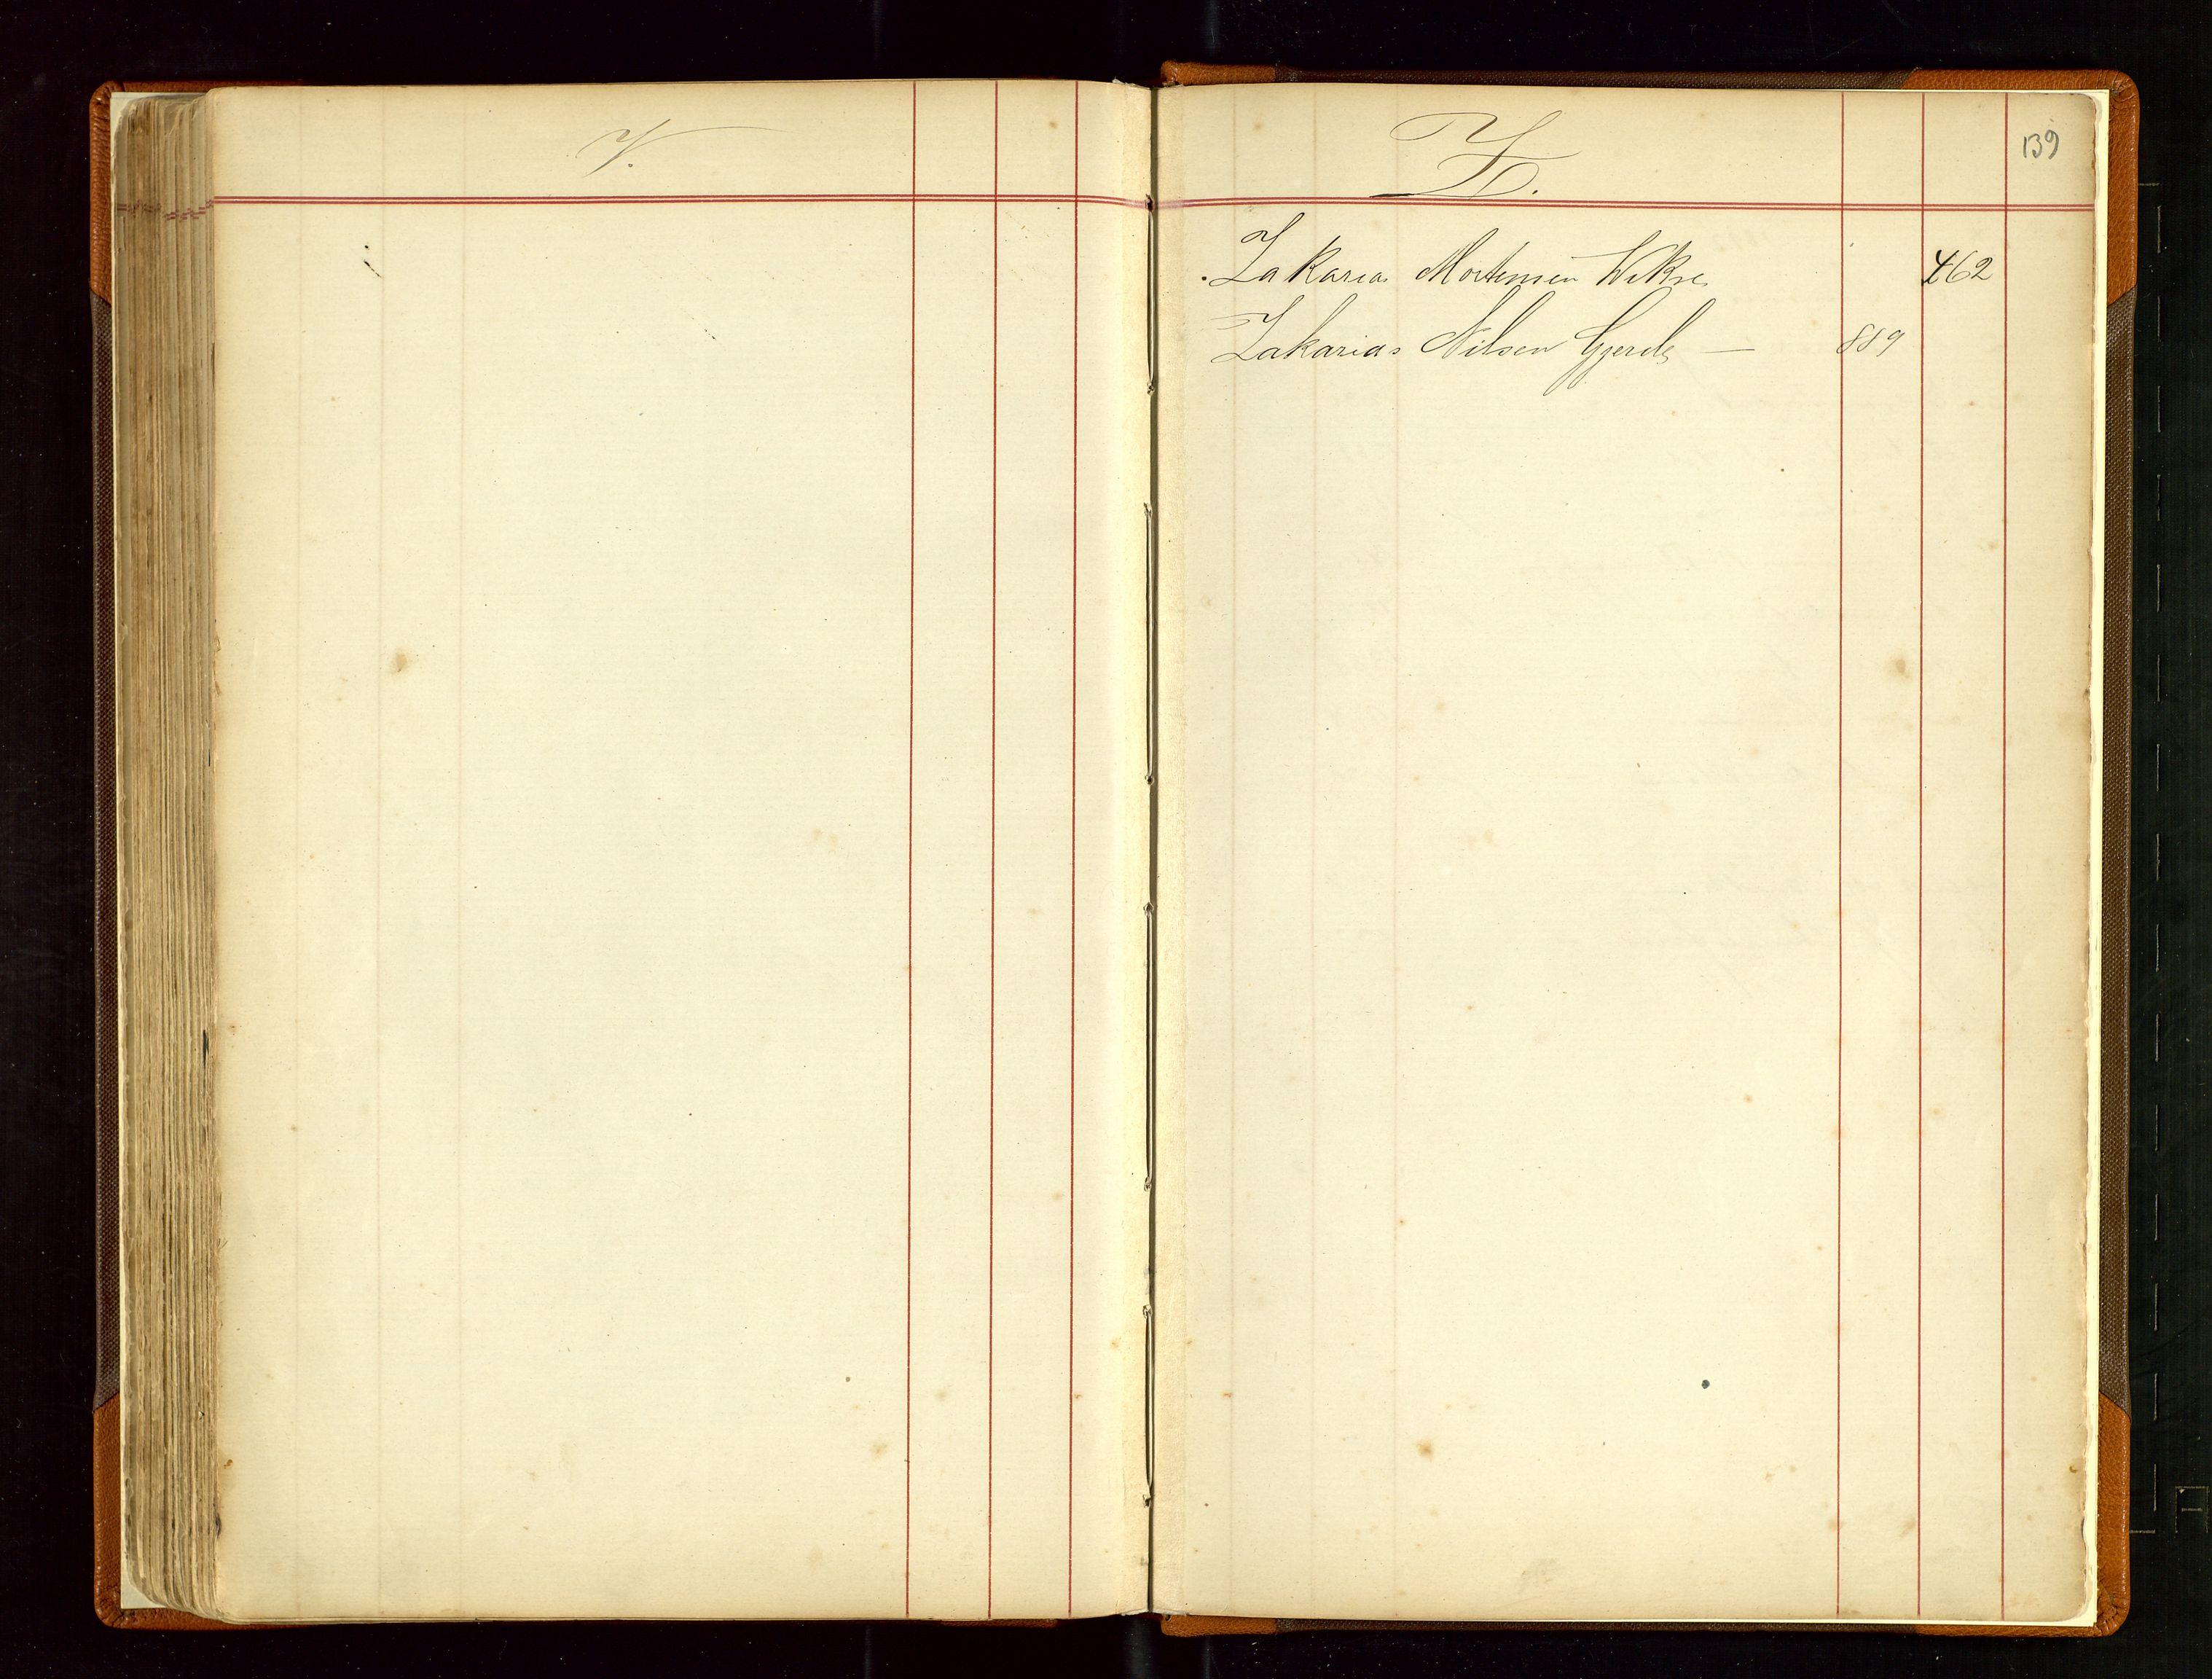 SAST, Haugesund sjømannskontor, F/Fb/Fba/L0003: Navneregister med henvisning til rullenummer (fornavn) Haugesund krets, 1860-1948, p. 139